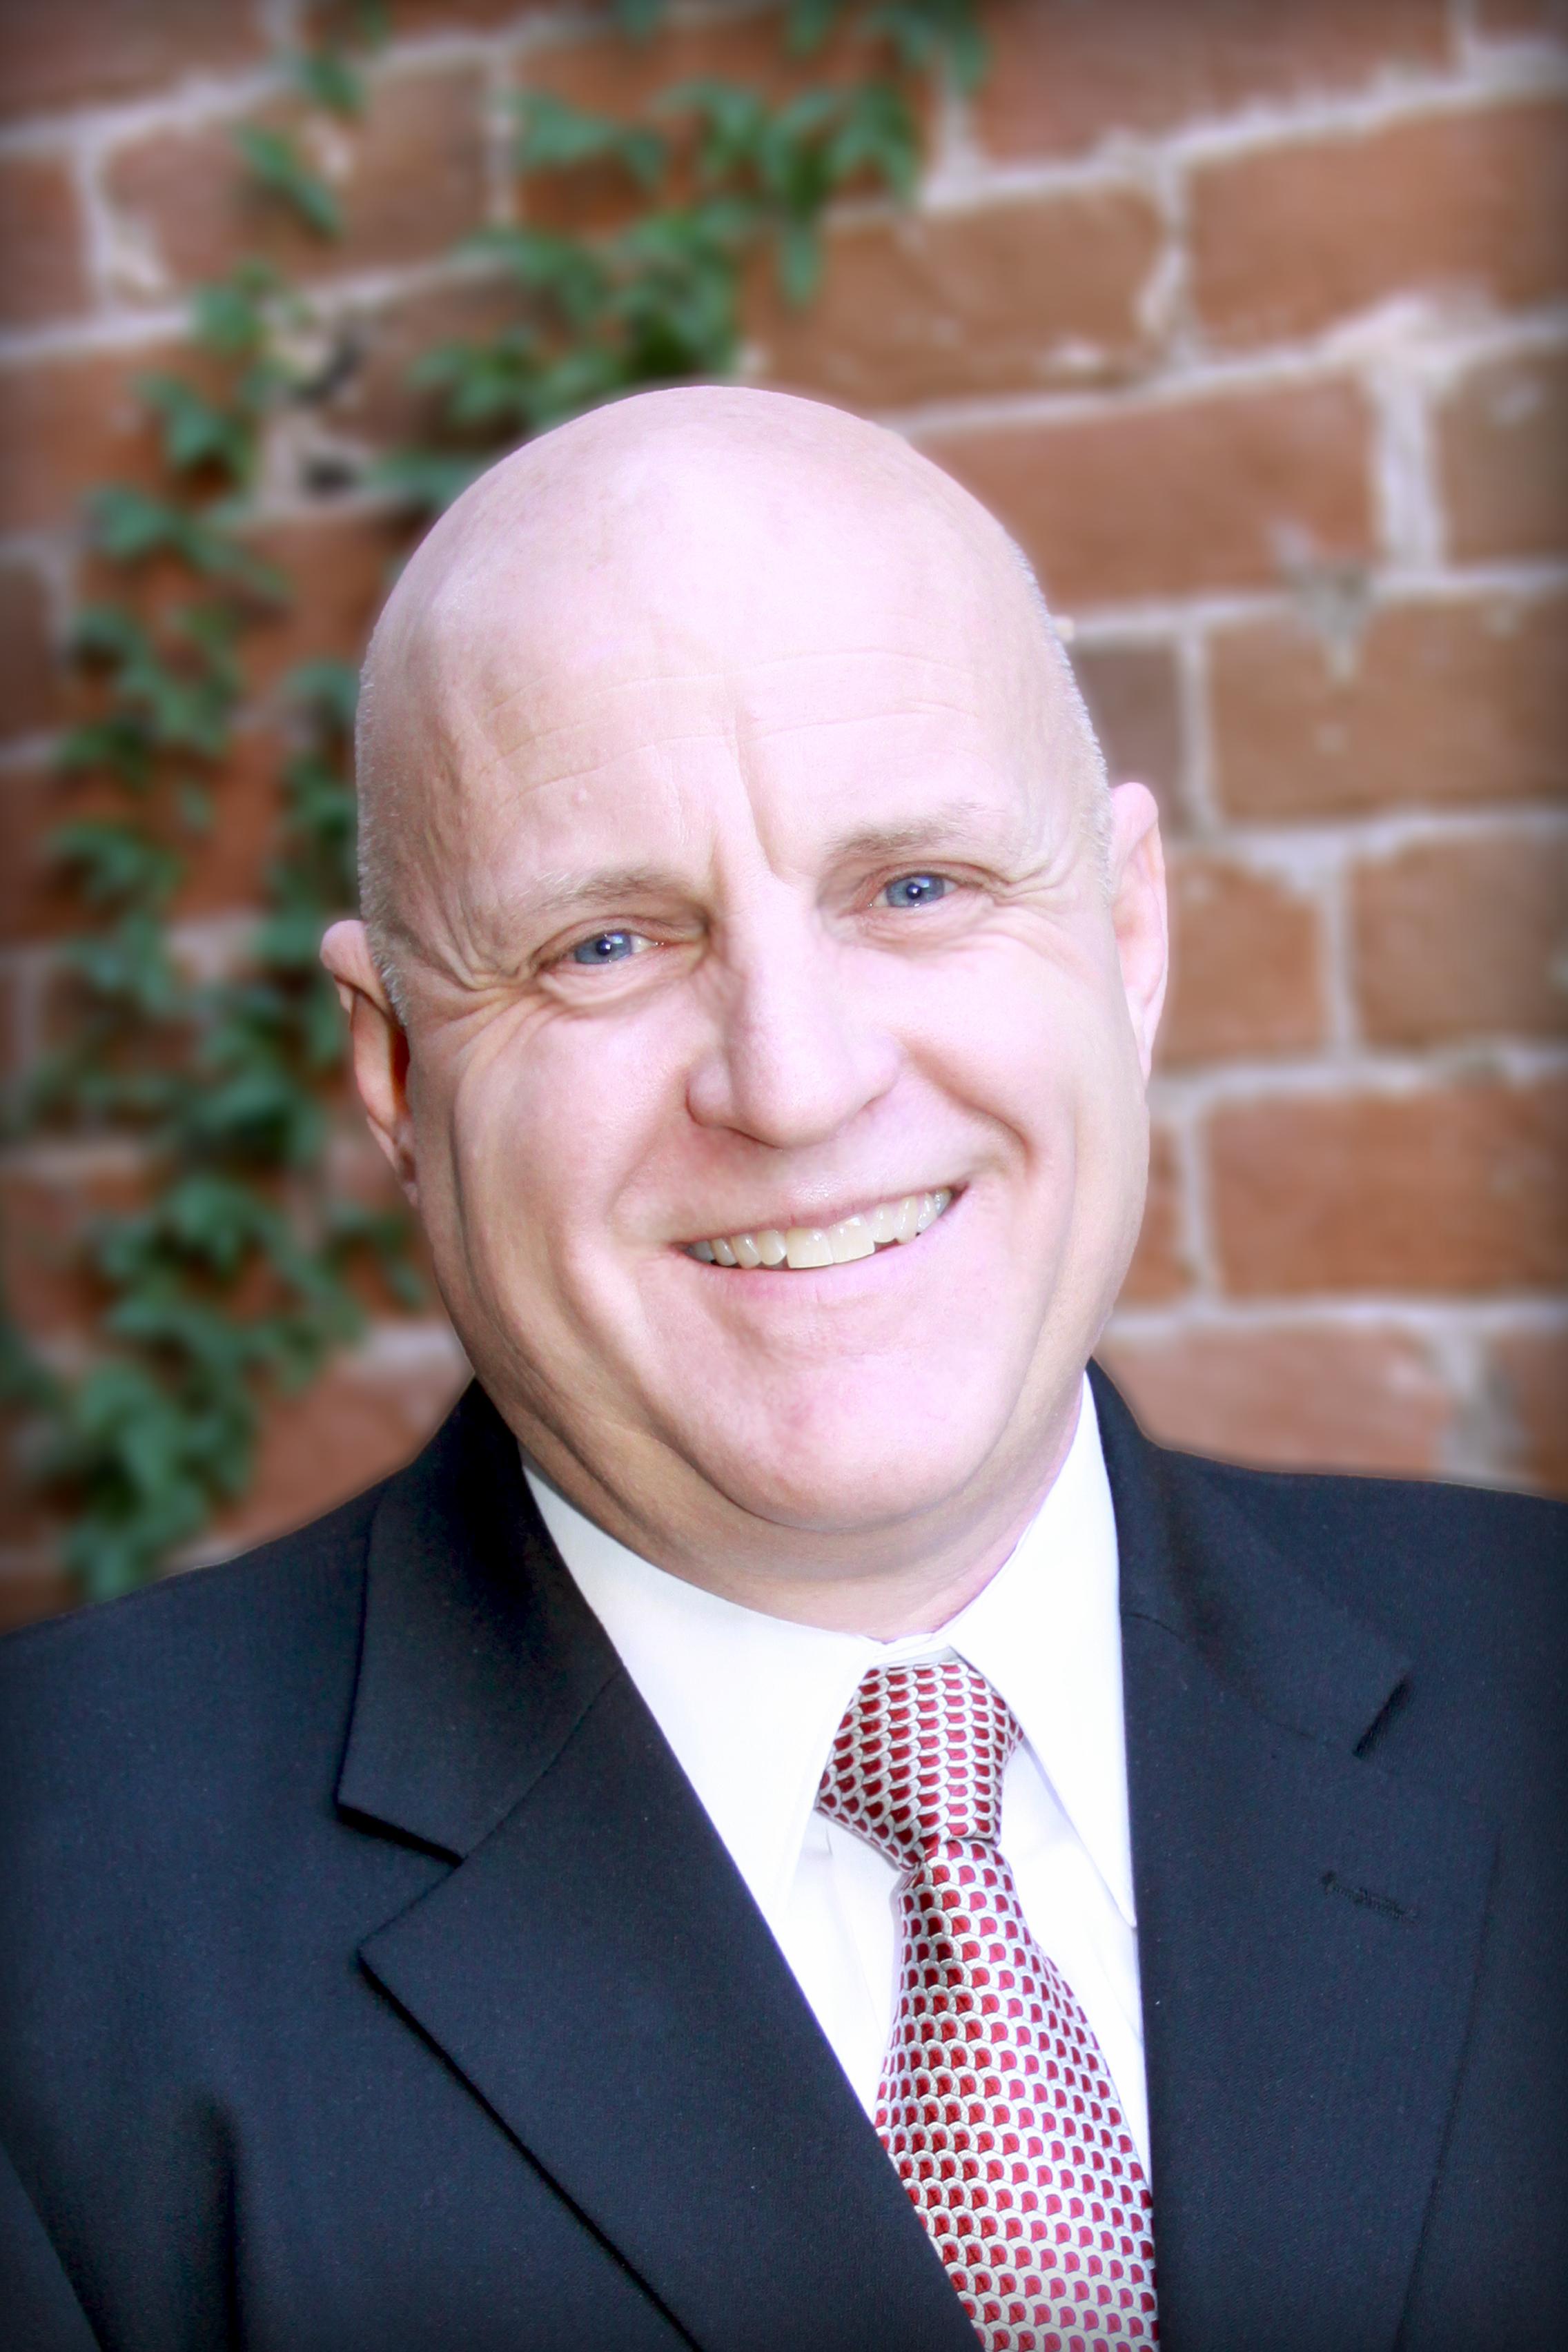 Funeral Director Steve Roseberry